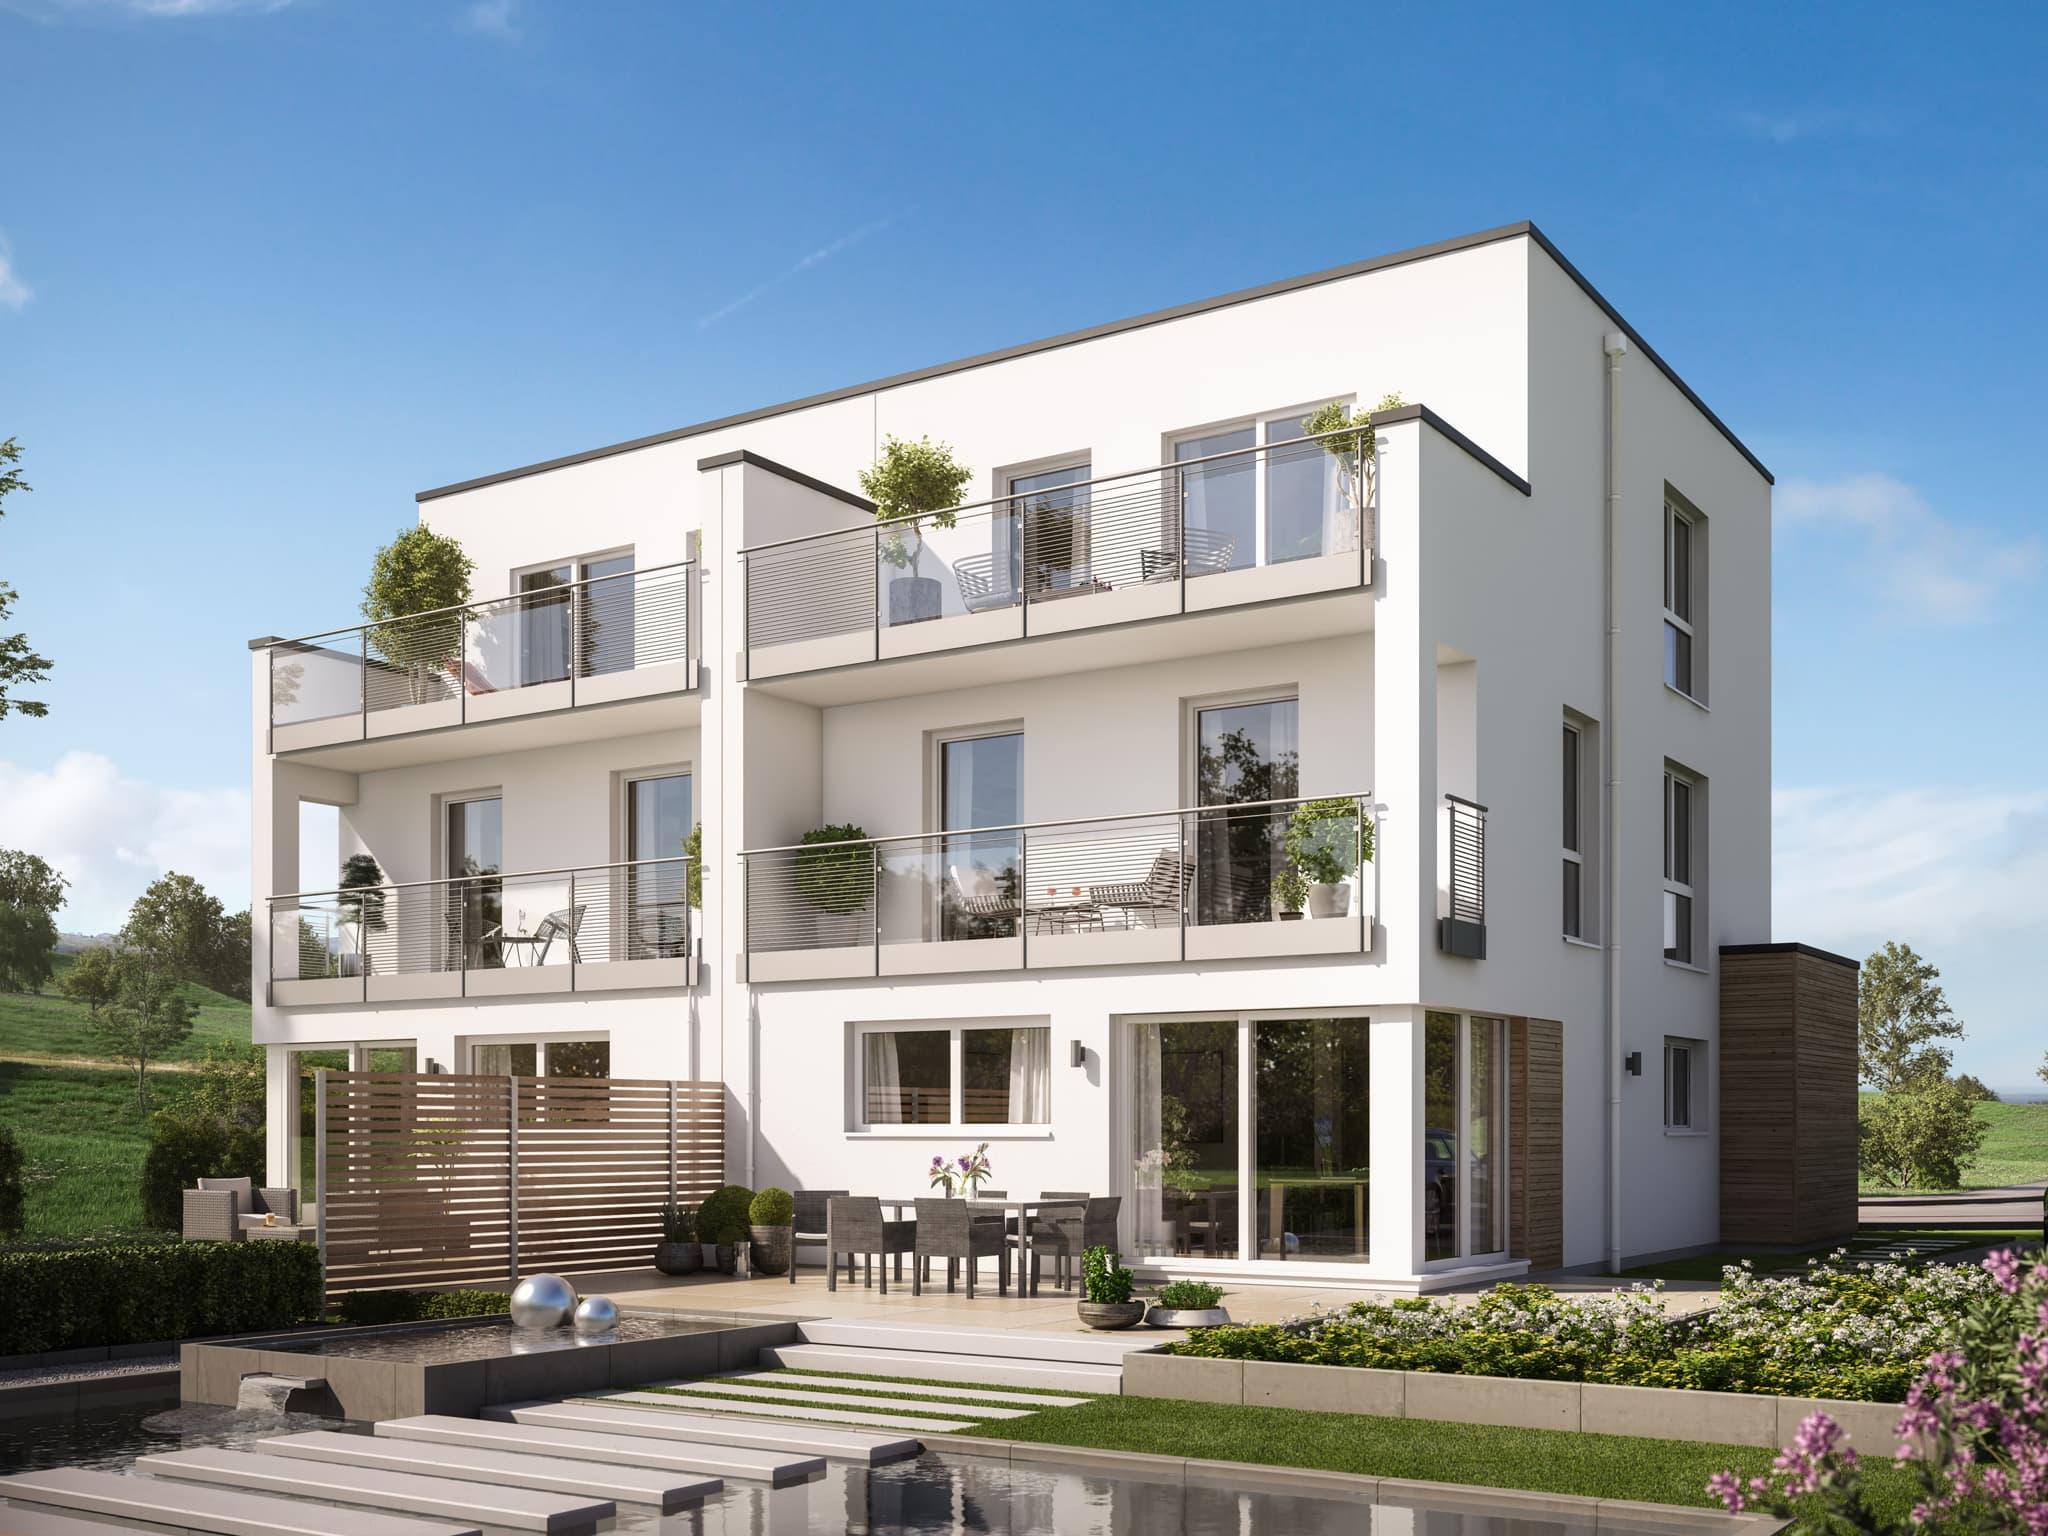 Doppelhaus modern im Bauhausstil mit Flachdach, Erker & Balkon, 5 Zimmer, 166 qm - Fertighaus Bien Zenker CELEBRATION 122 V7 XL - HausbauDirekt.de